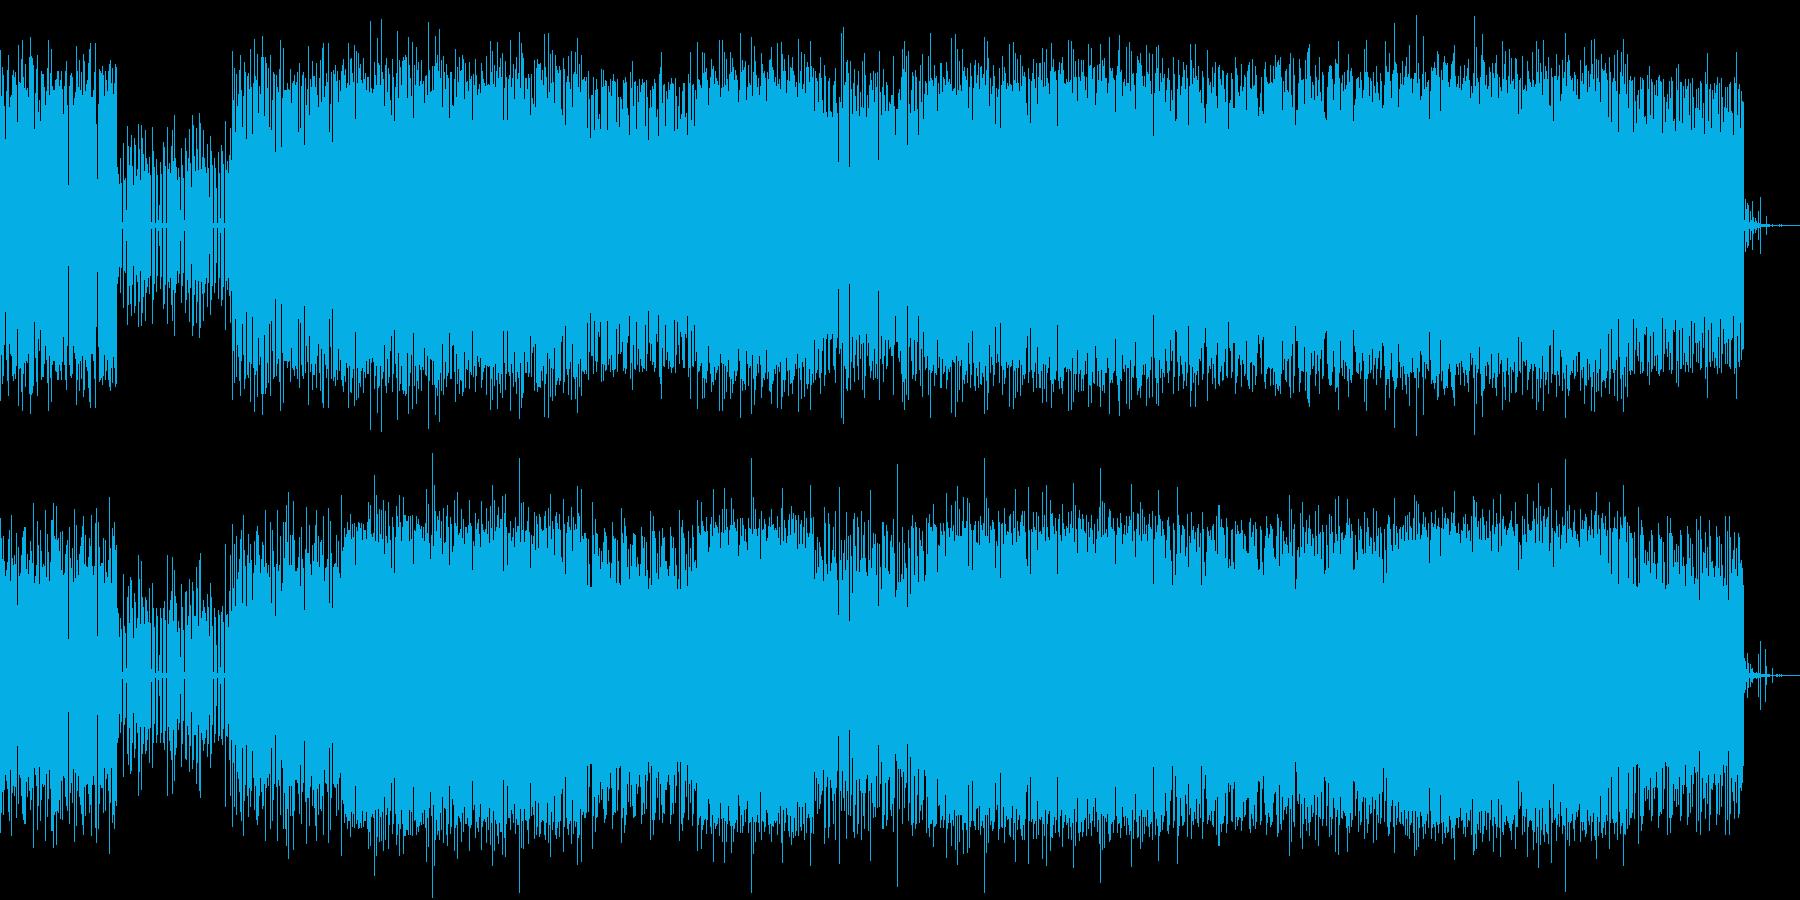 アーバン系グルーブの再生済みの波形